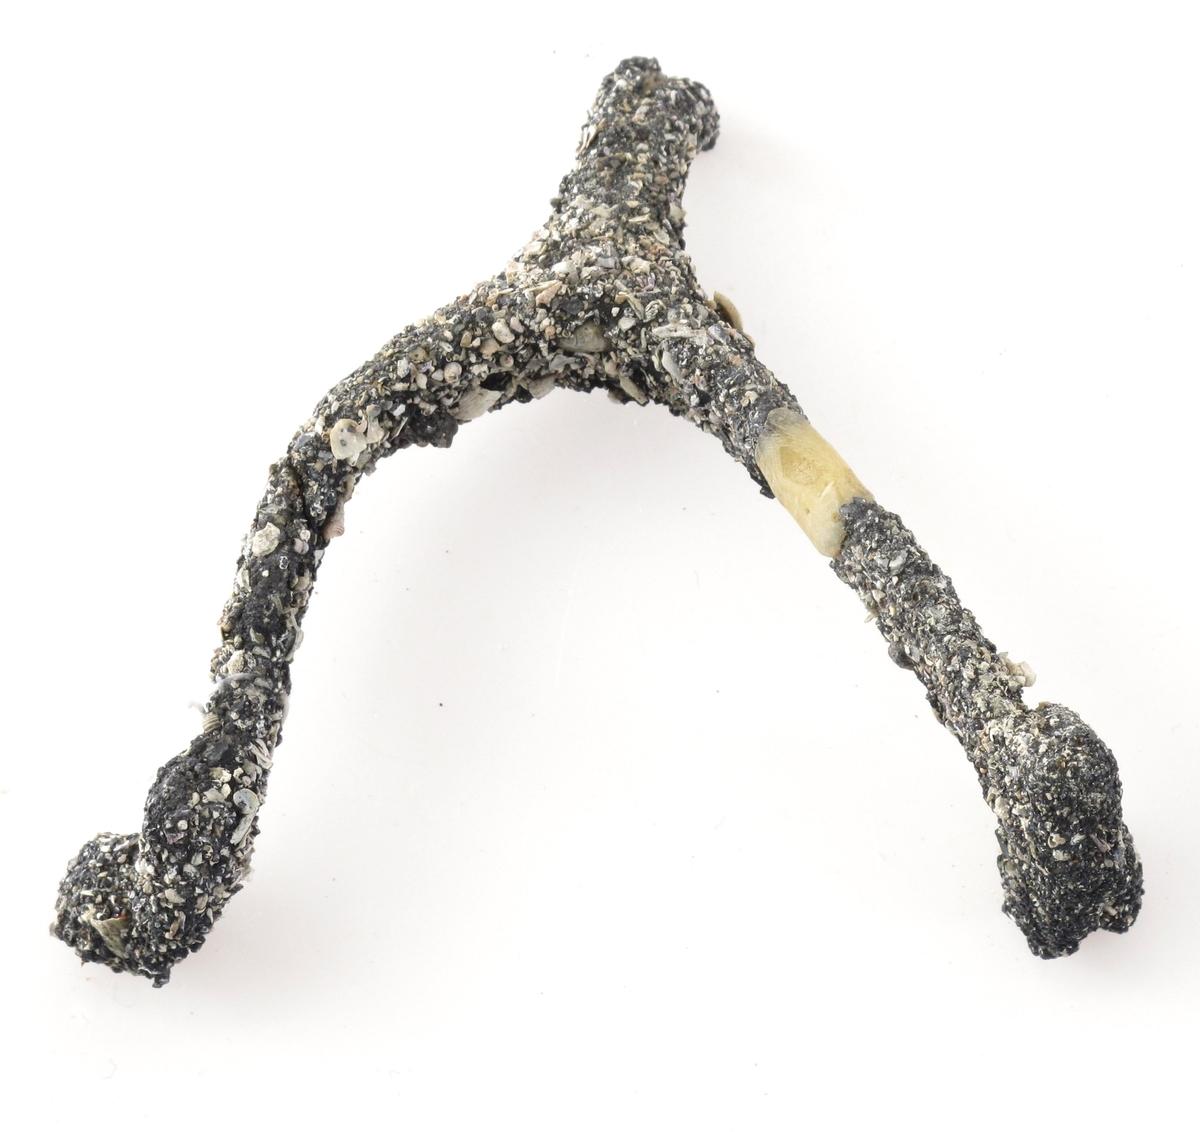 Spore, skjellbegrodd.    Materiale: stål eller sølv (?)  Liten spore, nå begrodd med bitte små skjell og  stein.  Preparert og holdt sammen av plastmasse.